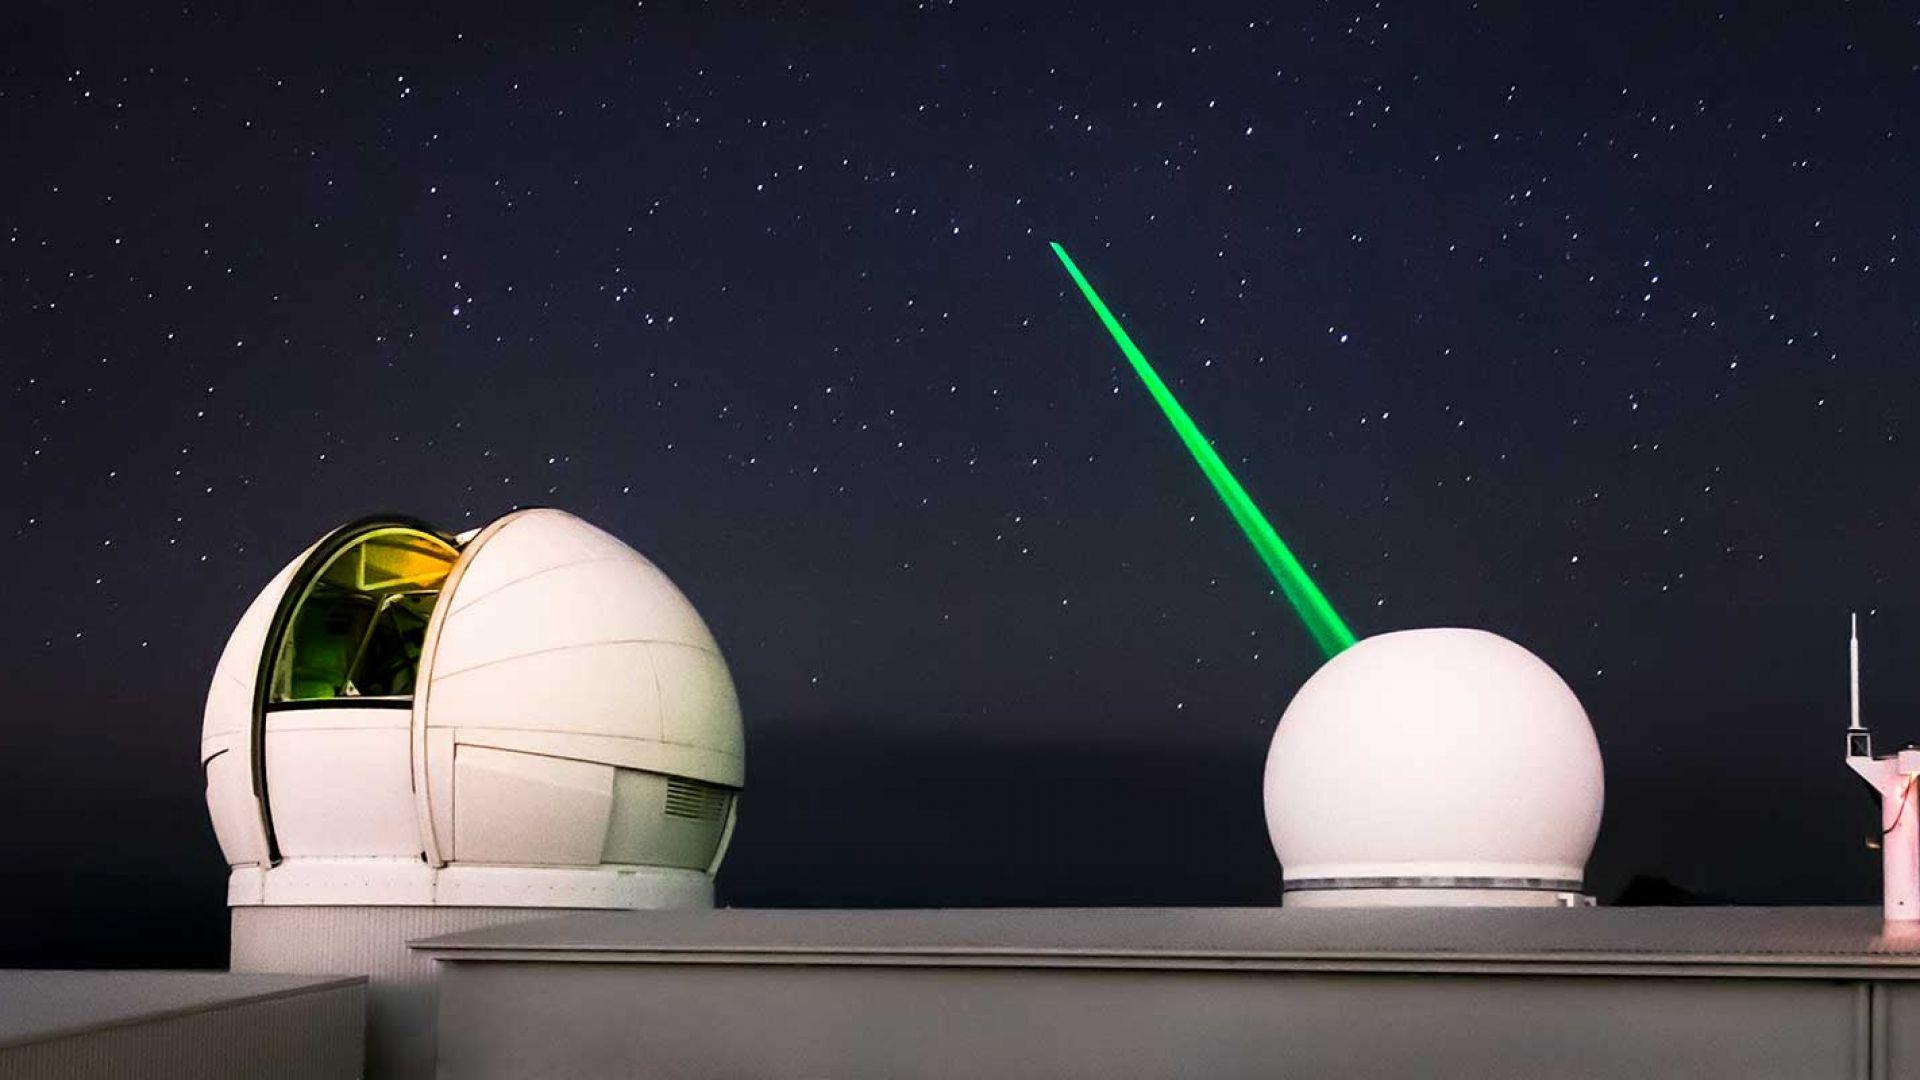 Иновативен лазер може да се справи с космическия боклук от Земята